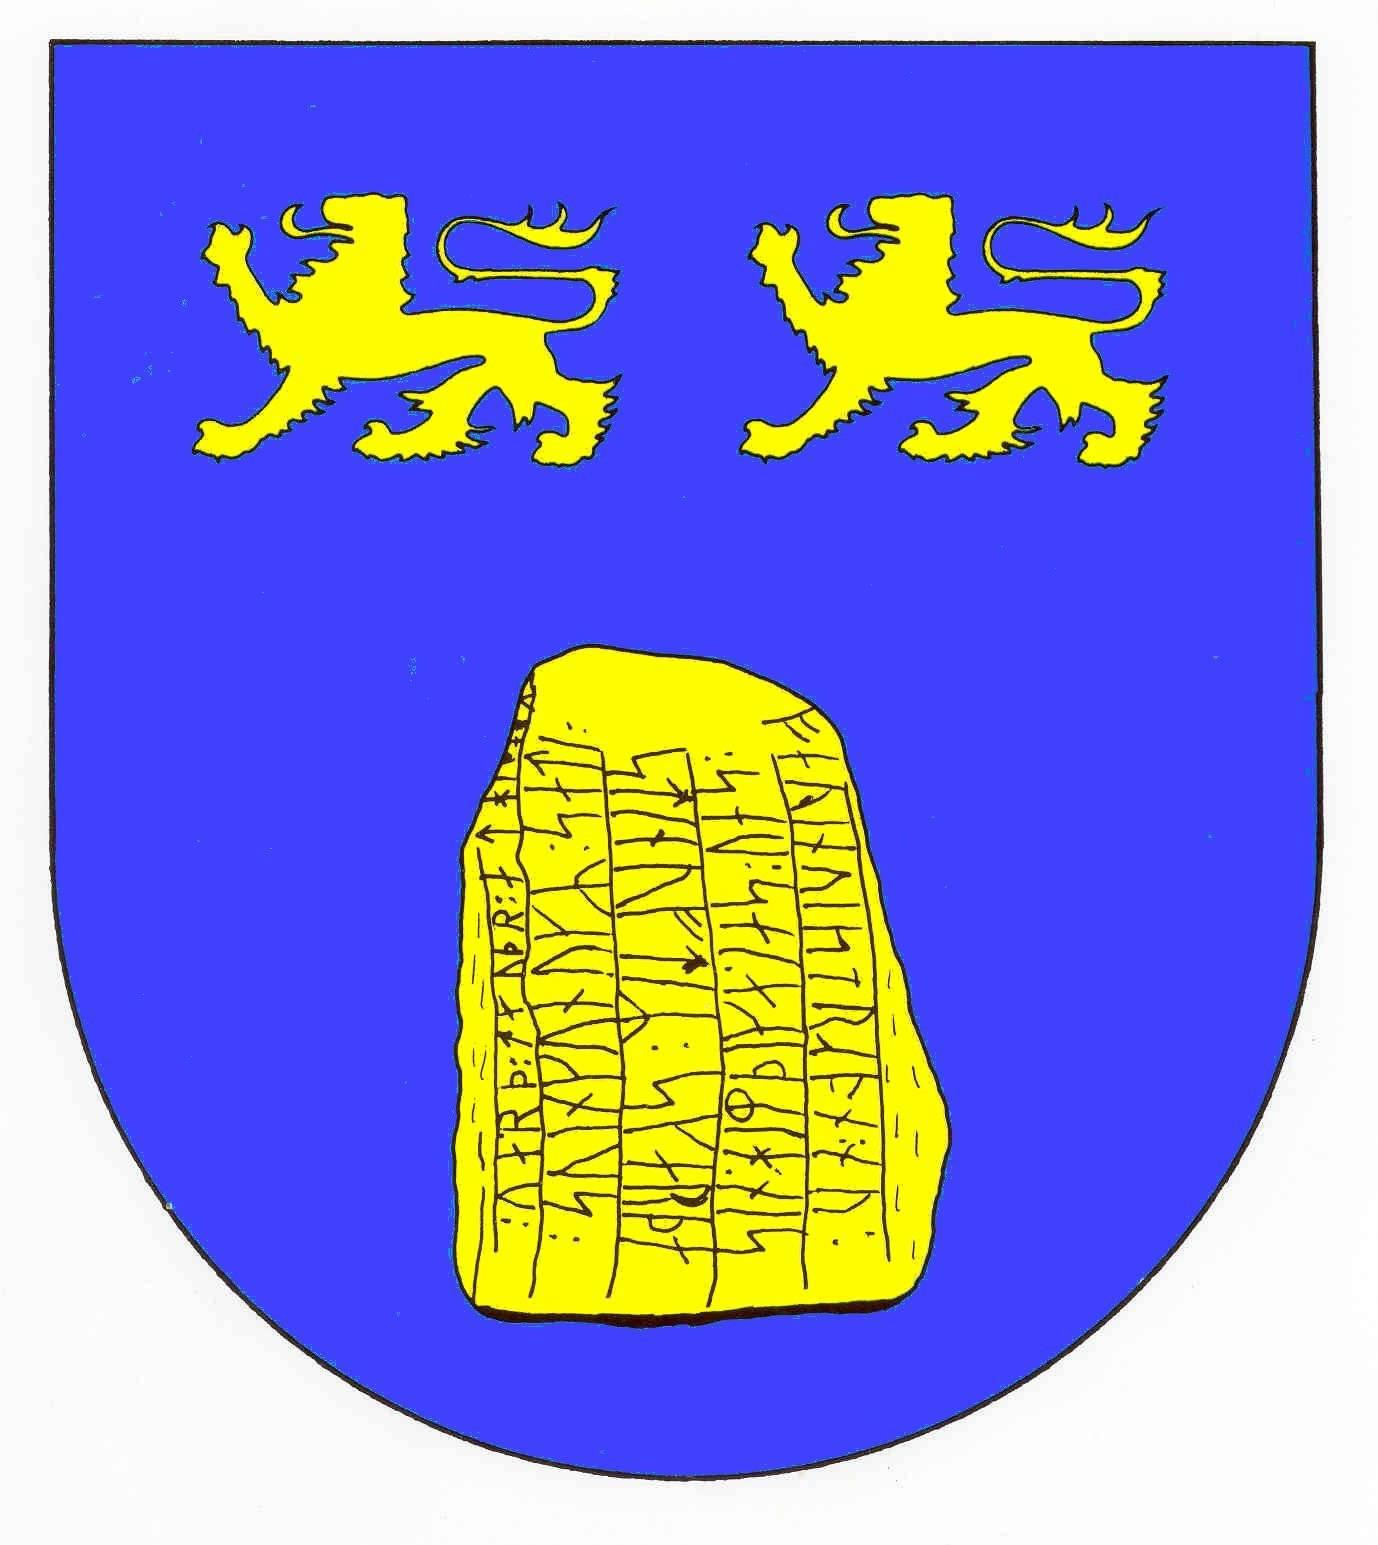 Wappen GemeindeBusdorf, Kreis Schleswig-Flensburg